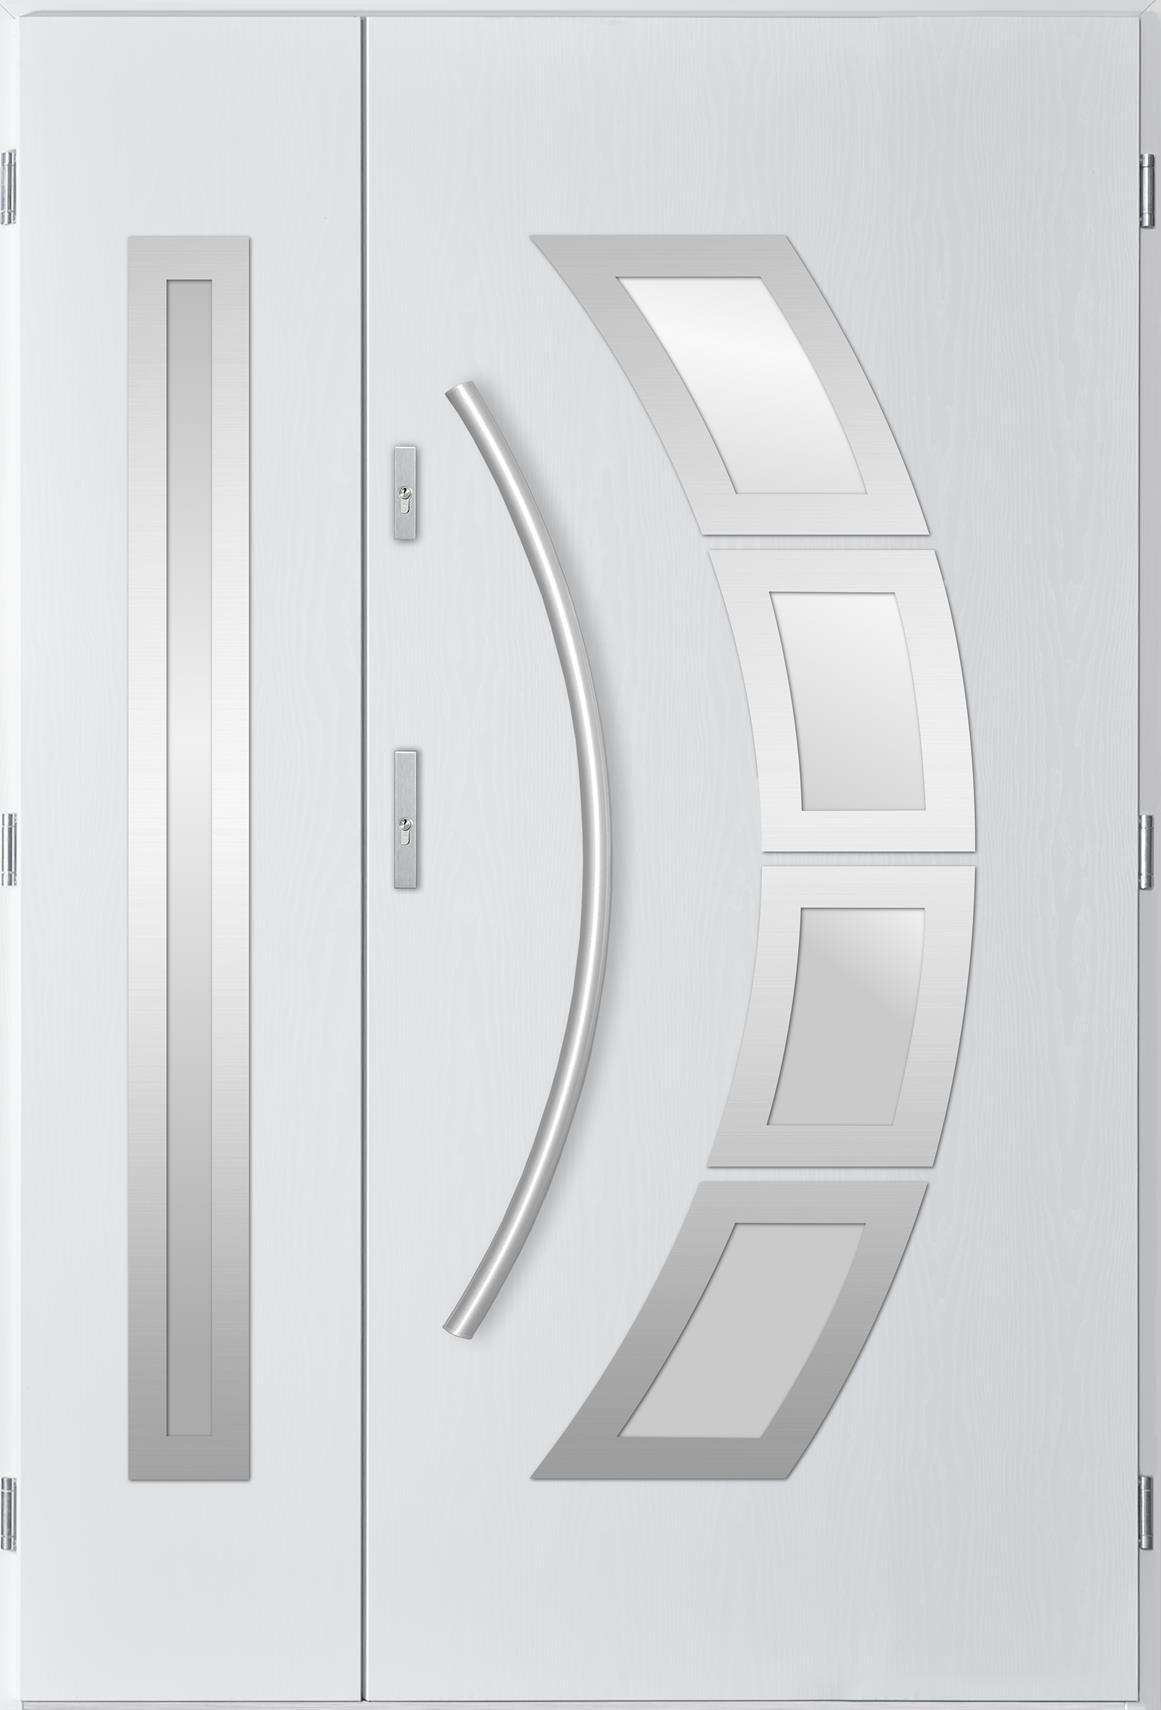 Dvoukøídlé ocelové vchodové dveøe Tanya, bílá